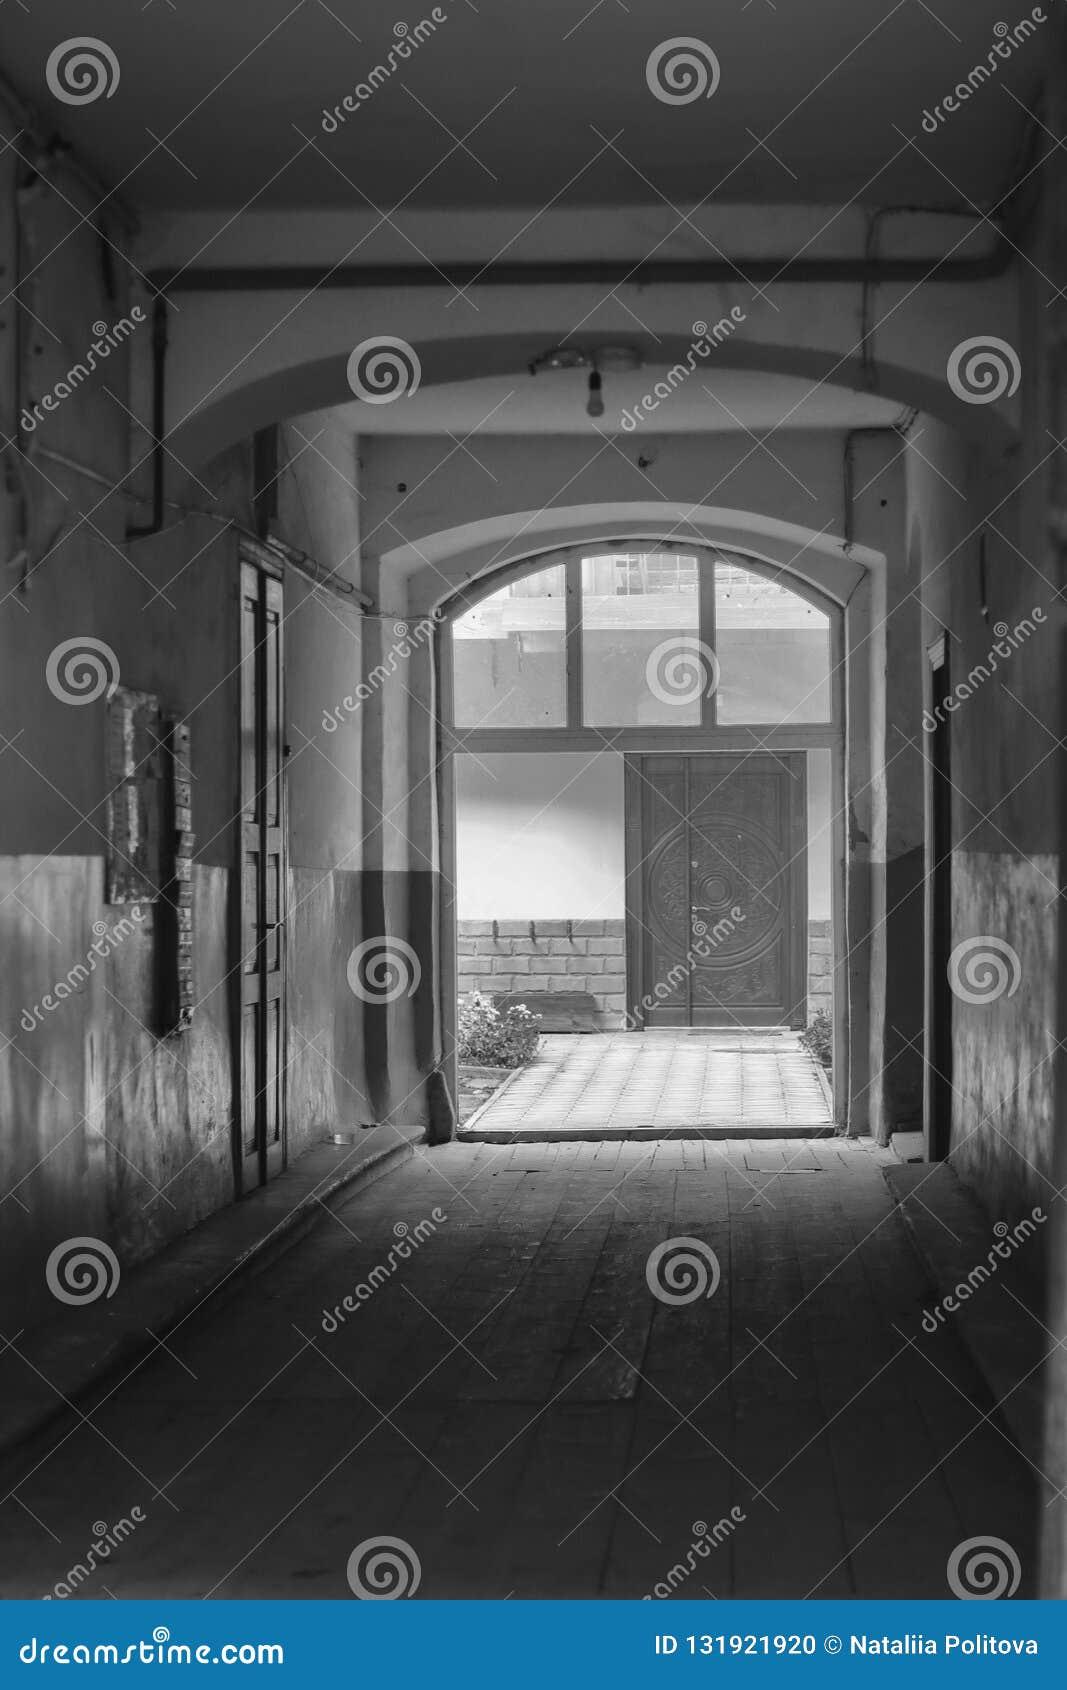 La vista de la pequeña calle llamó a passage del credito en español, paso del crédito en inglés, cuarto gótico del barri, viejo